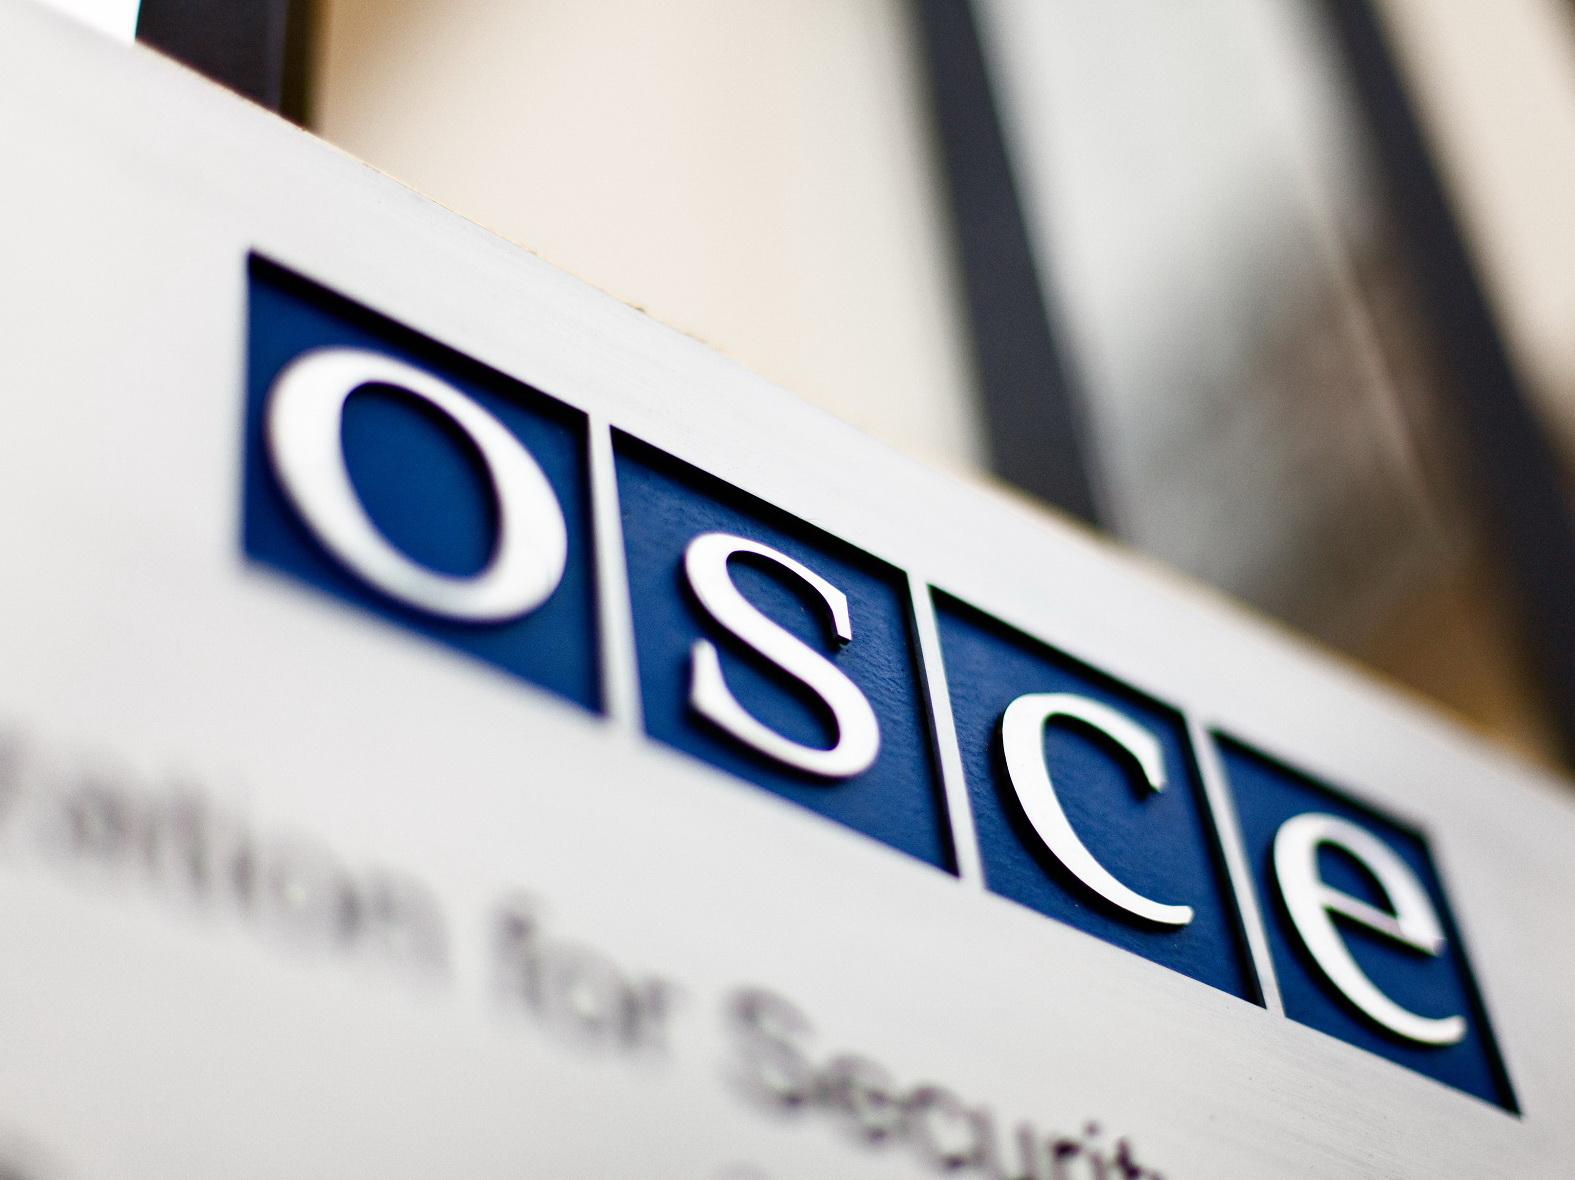 ОБСЕ о своей роли в реализации согласованных мер по Карабаху